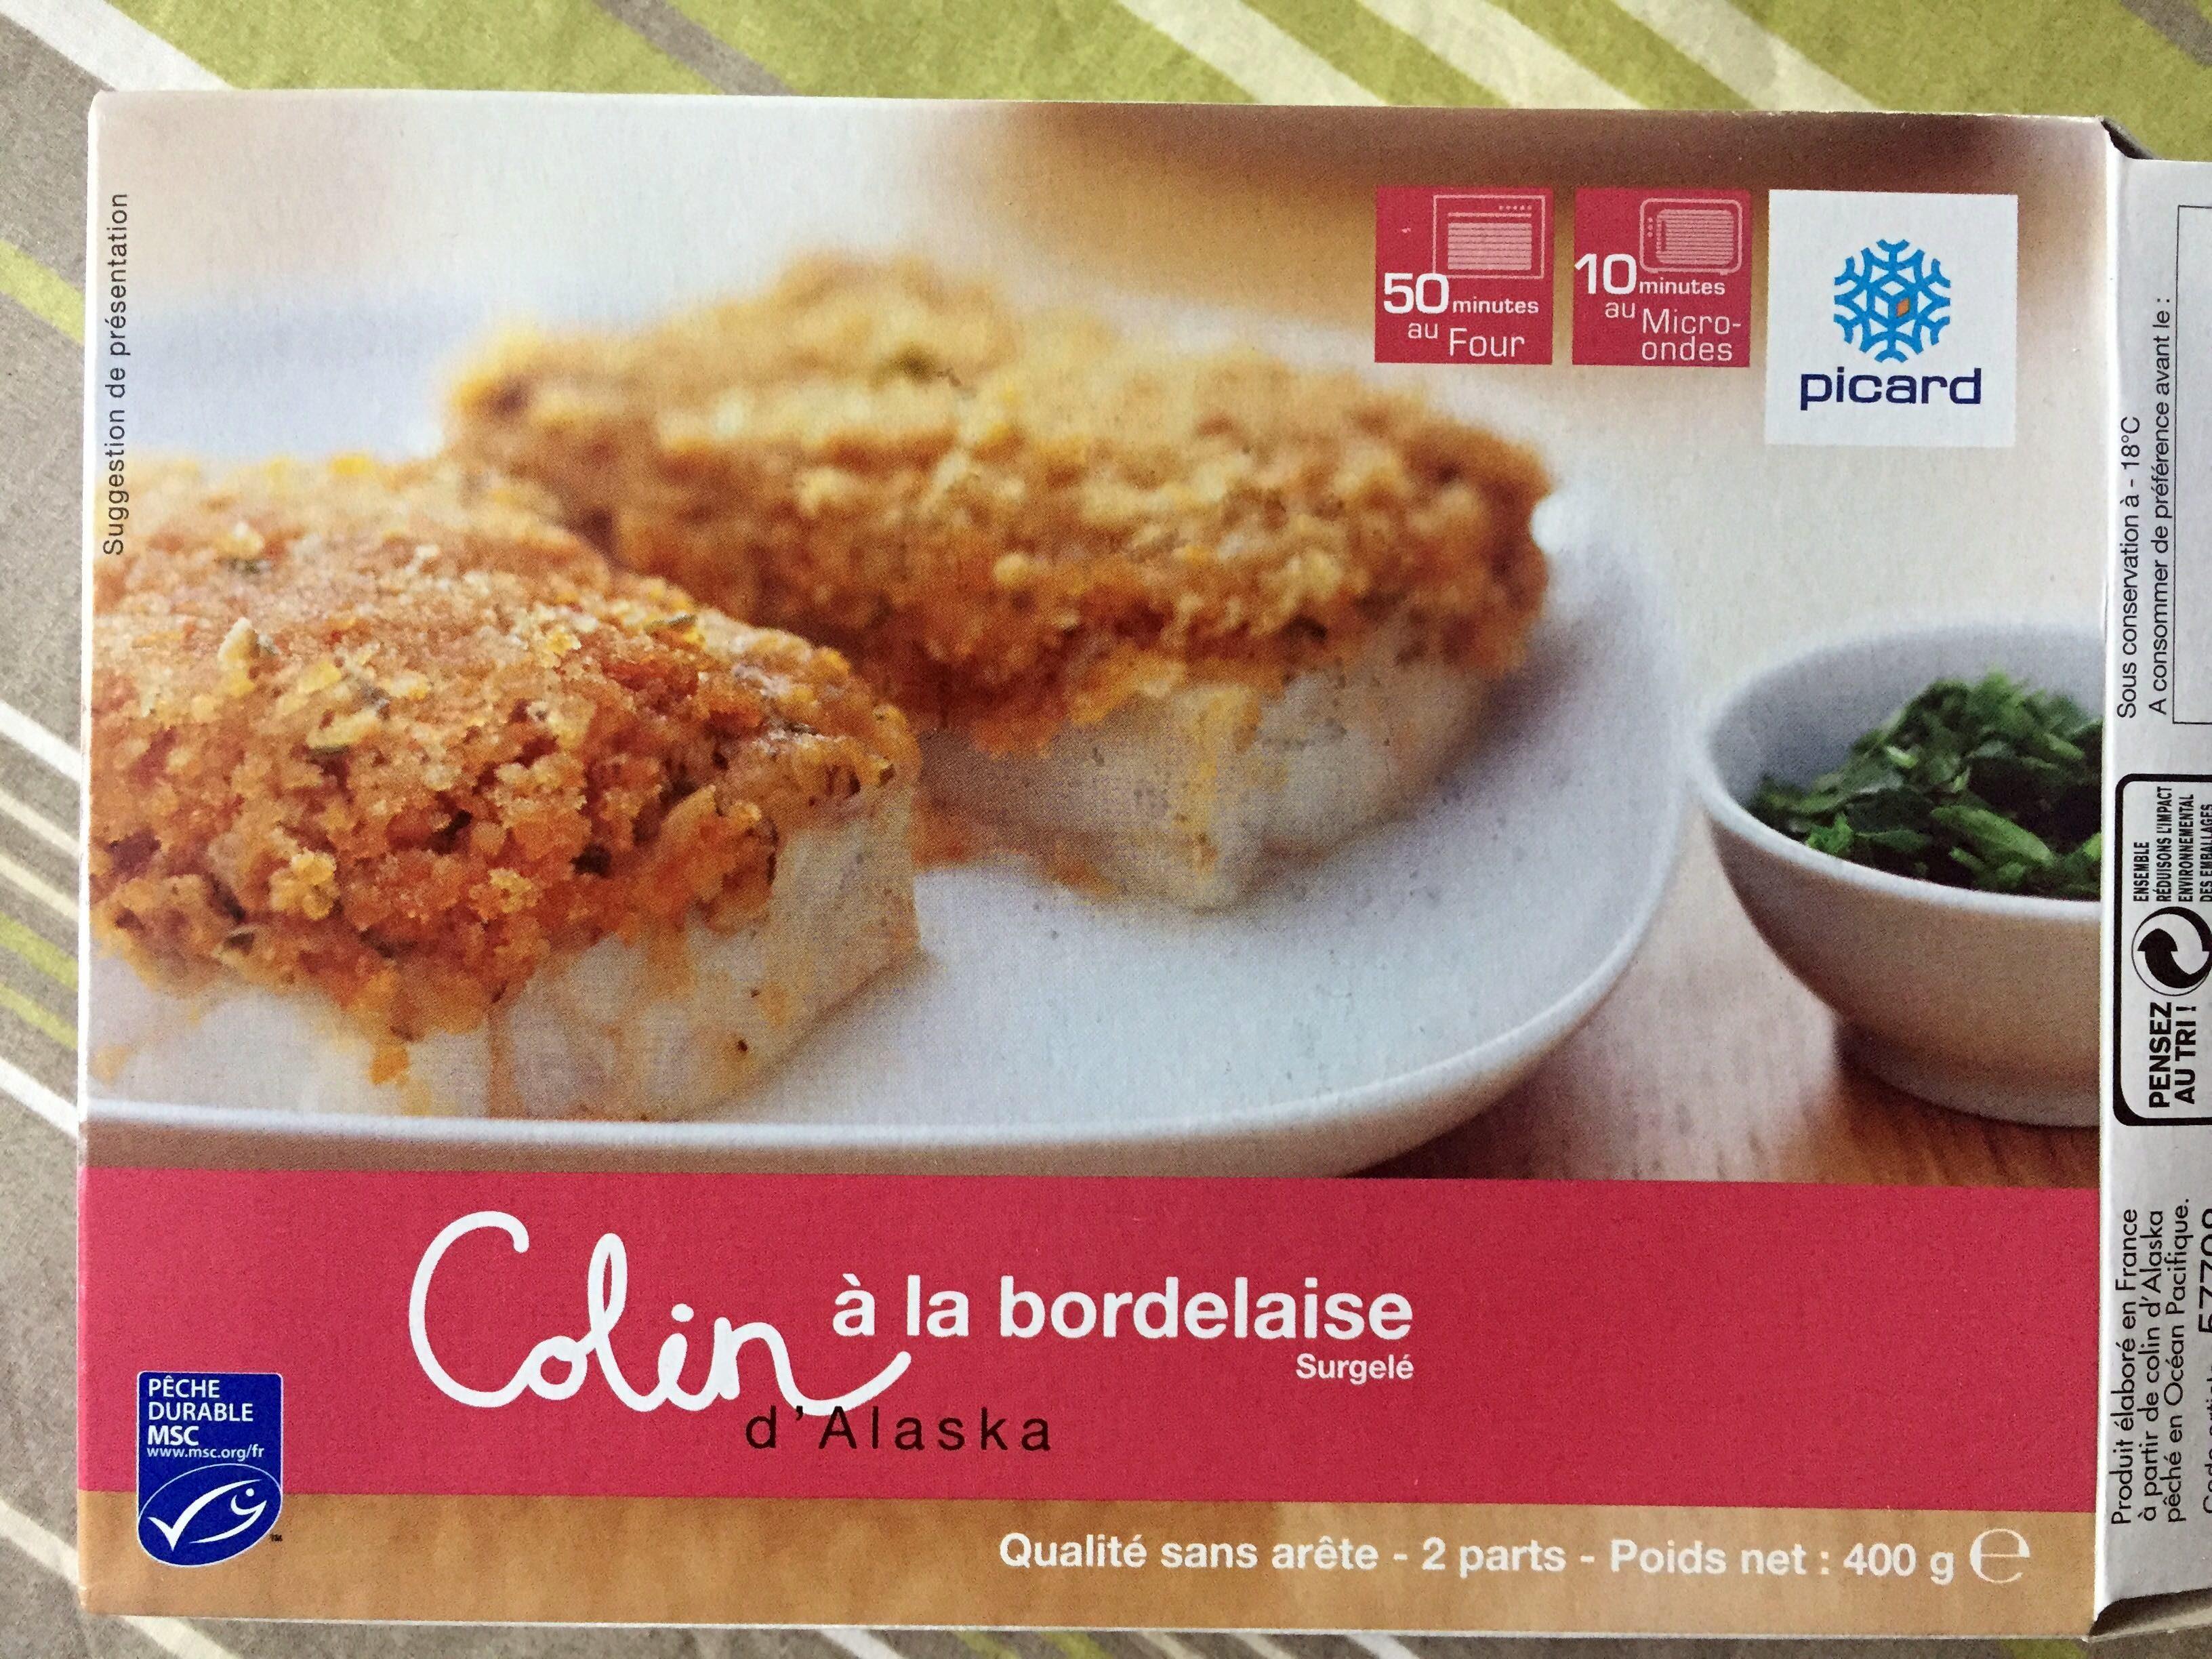 Colin d 39 alaska la bordelaise surgel picard 400 g - Cuisiner du colin surgele ...